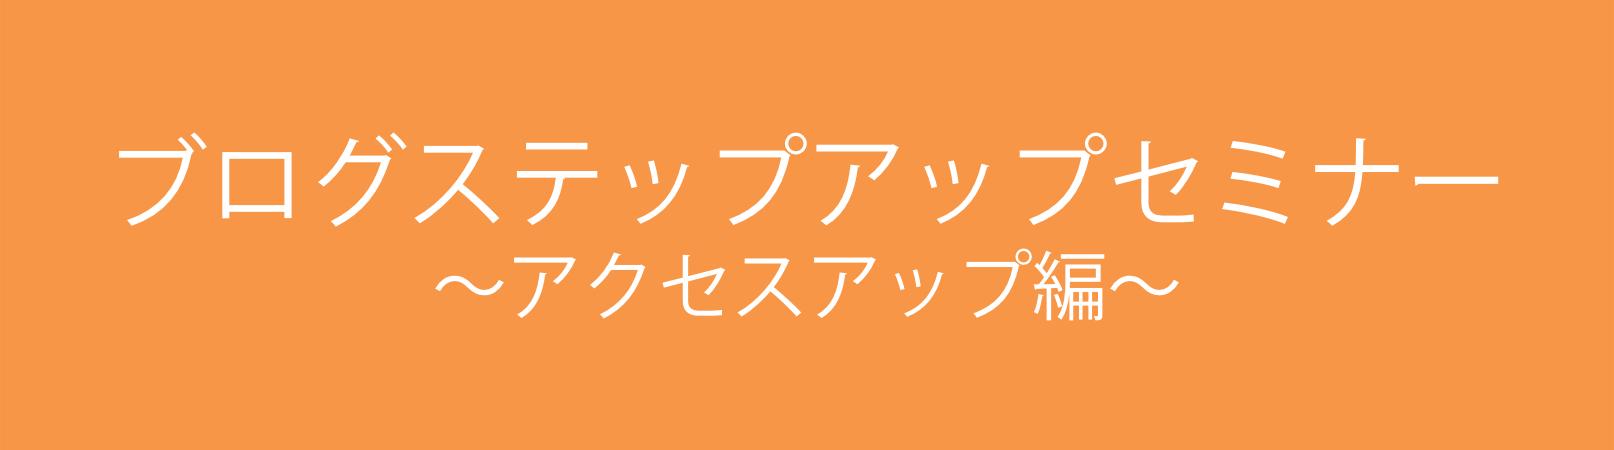 """ブログステップアップセミナー アクセスアップ編 """"茨城県水戸市 """""""